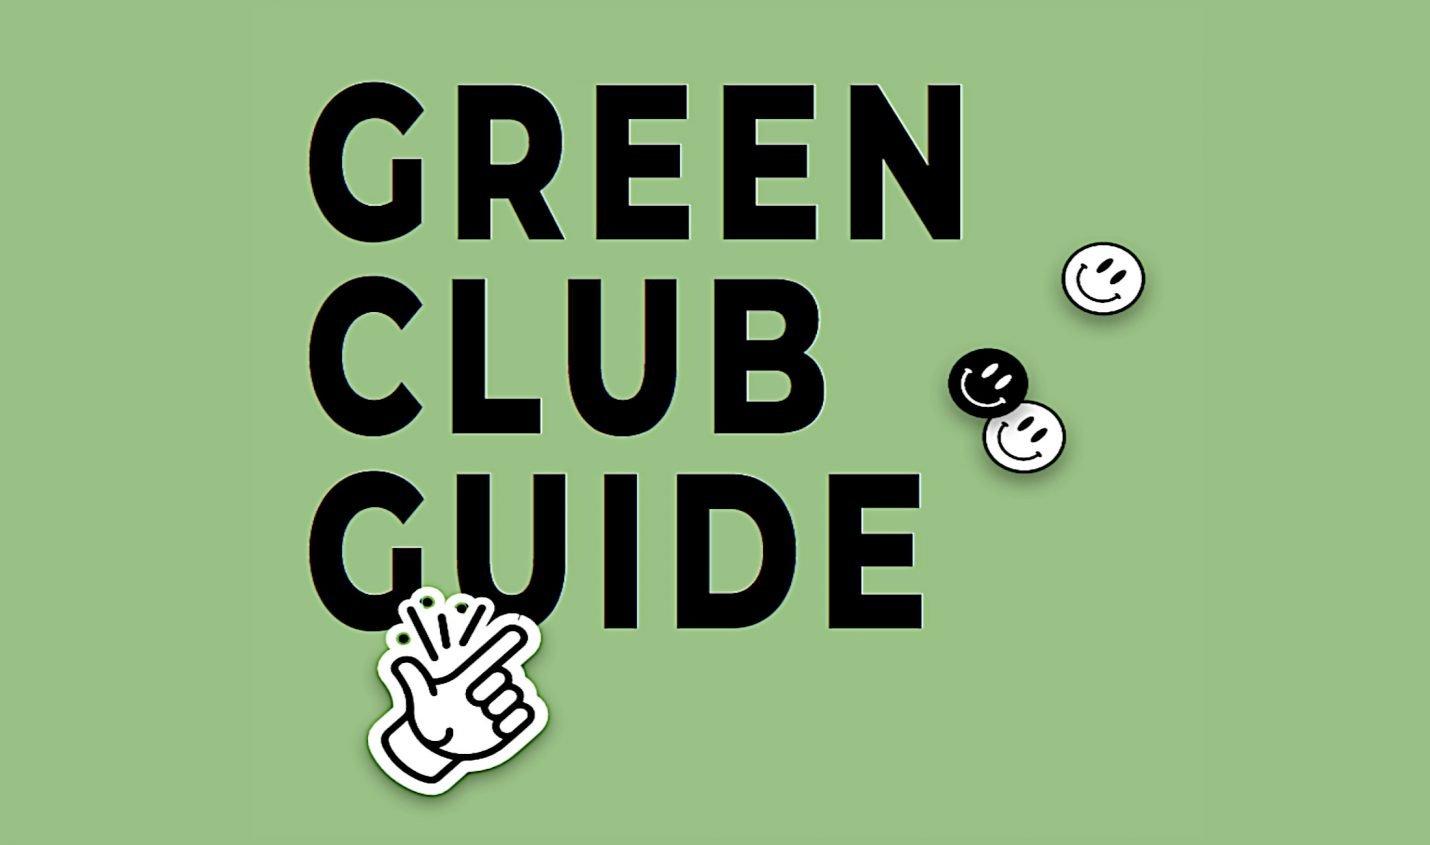 Green Club Guide: Online-Leitfaden für eine nachhaltigere Clubszene